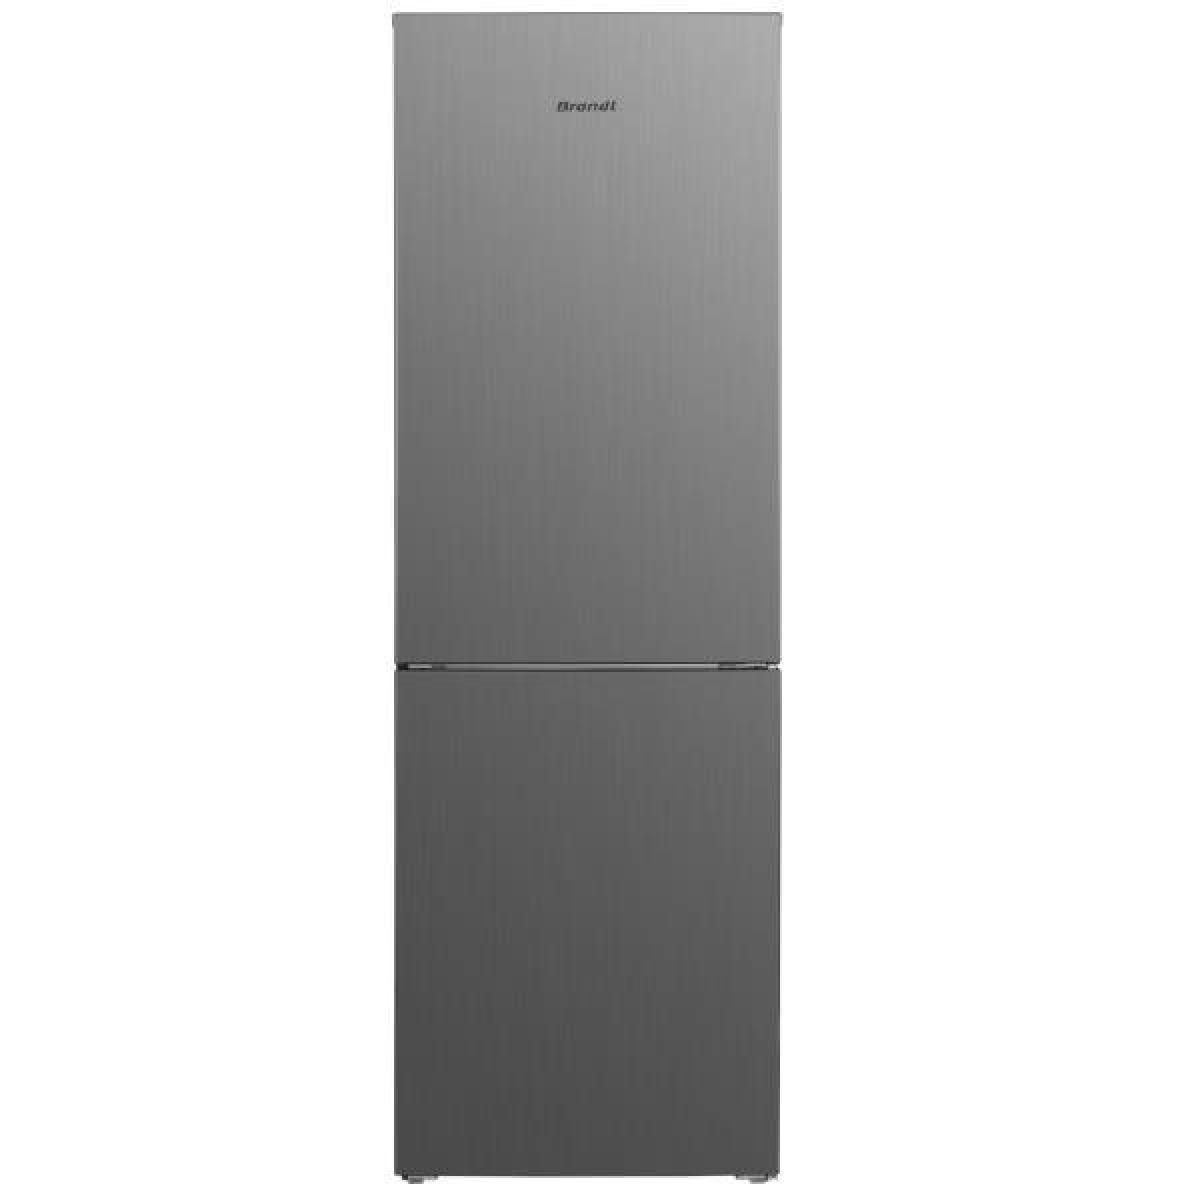 Brandt Réfrigérateur combiné 327L Froid Ventilé BRANDT 60cm A+, BFC8560NX